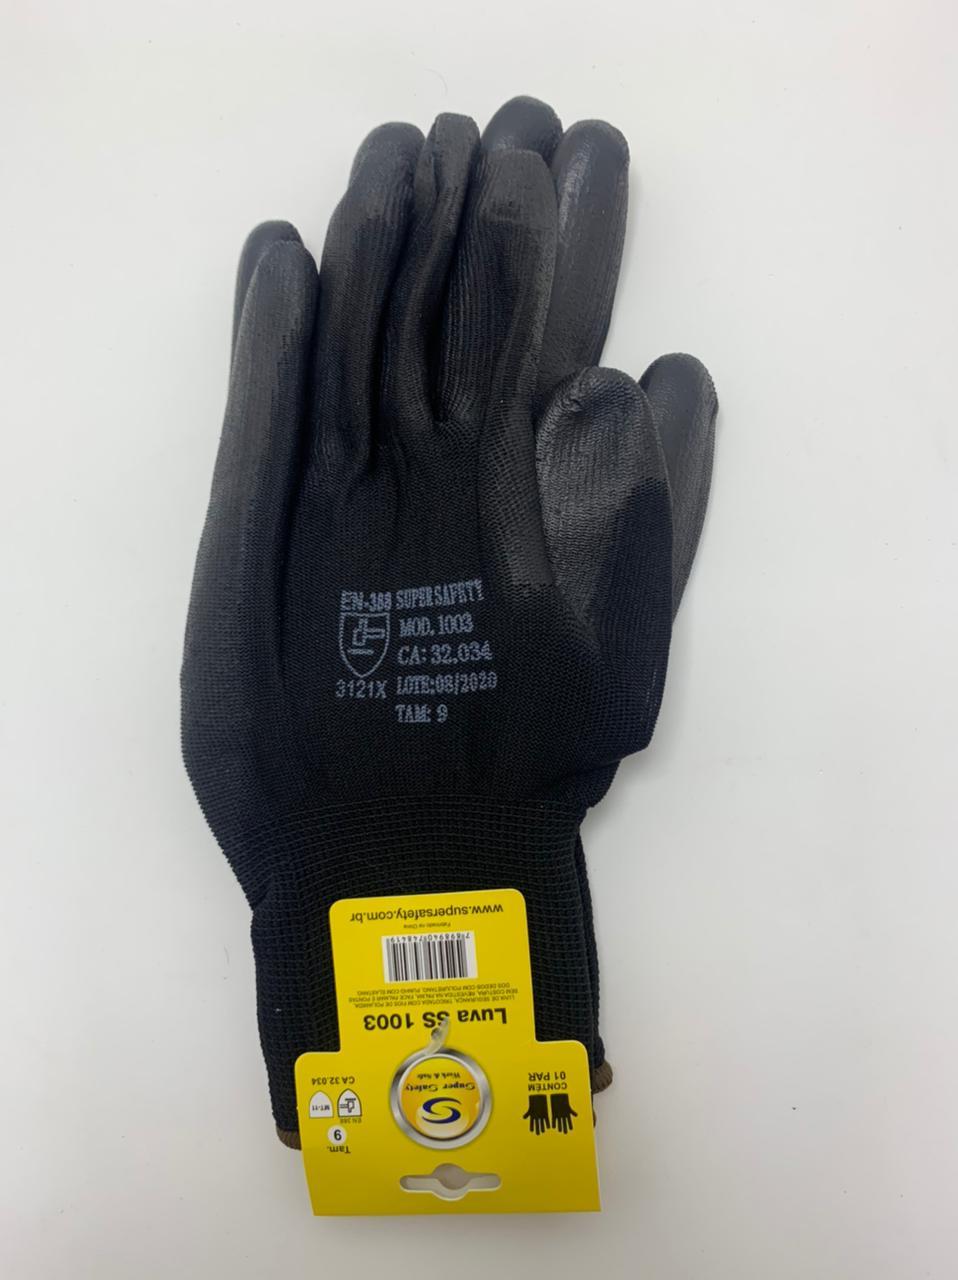 Kit 10 Pares Luva de segurança Super Safety ss1003 PU Preta Tam. 10(GG).